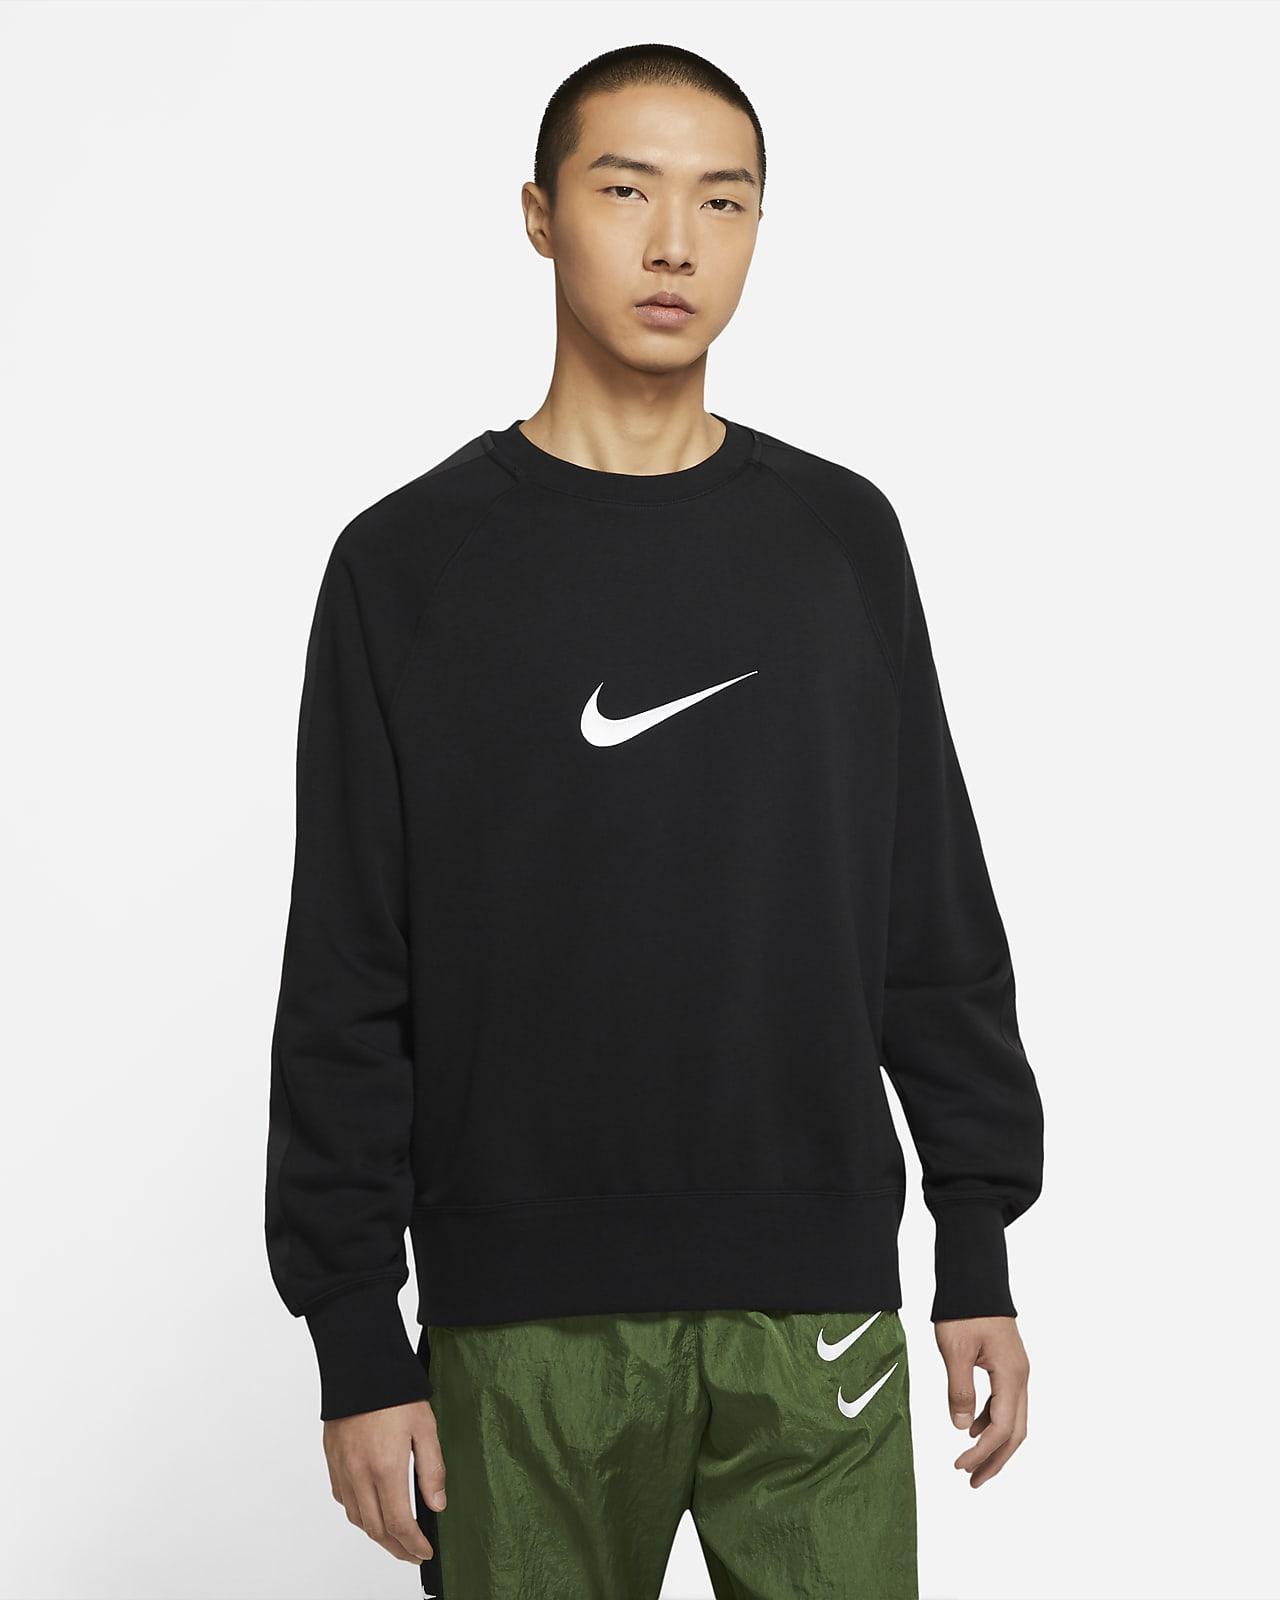 Nike Sportswear Swoosh 男子圆领上衣